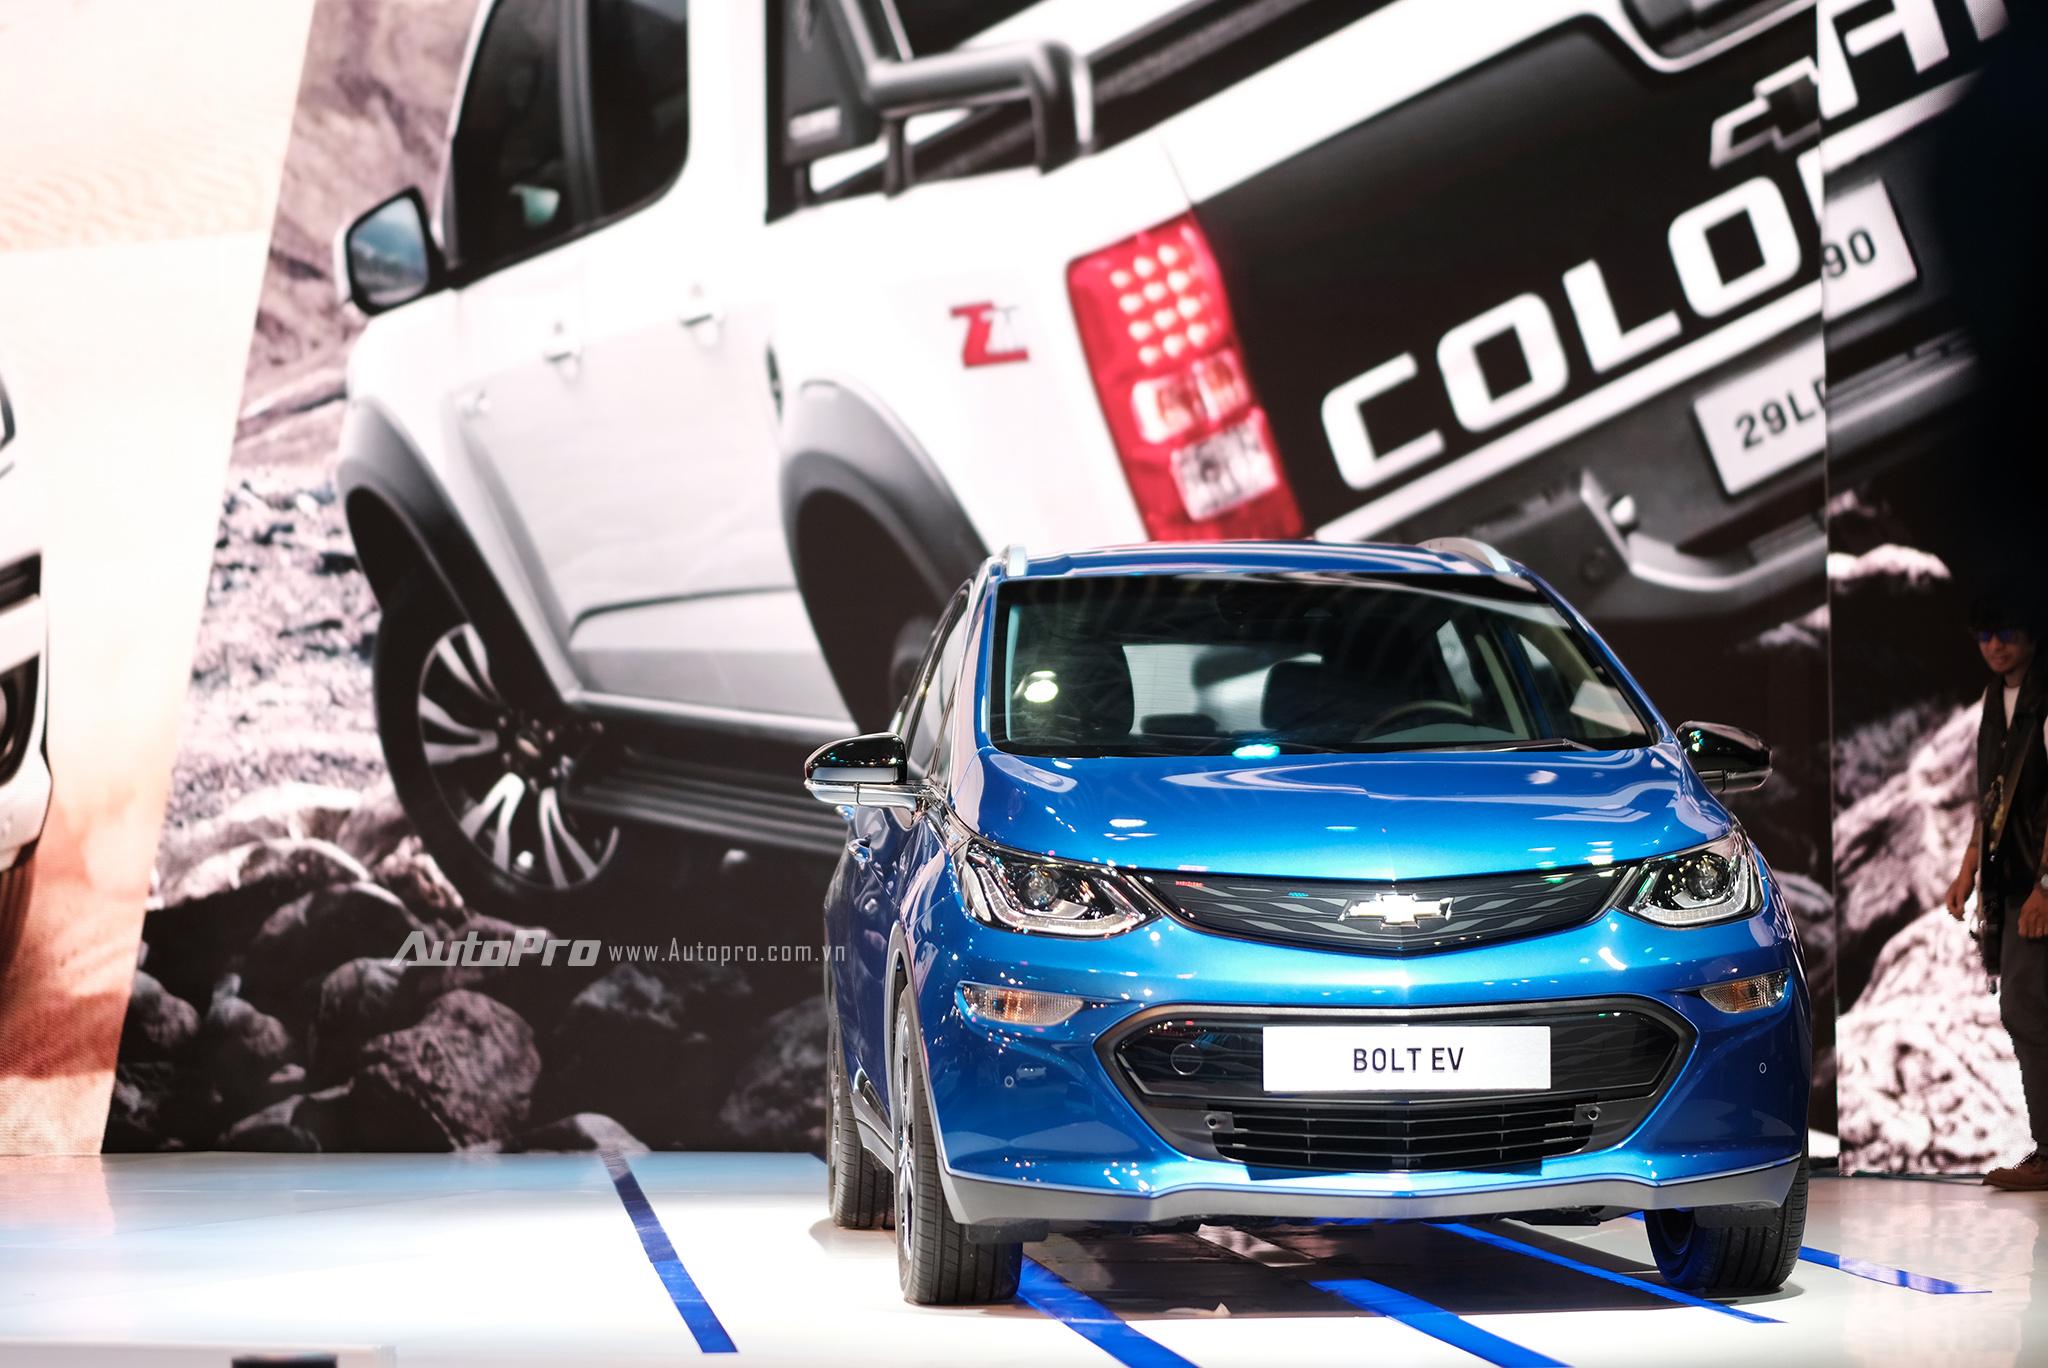 Khám phá xe xanh Chevrolet Bolt EV - Ảnh 1.